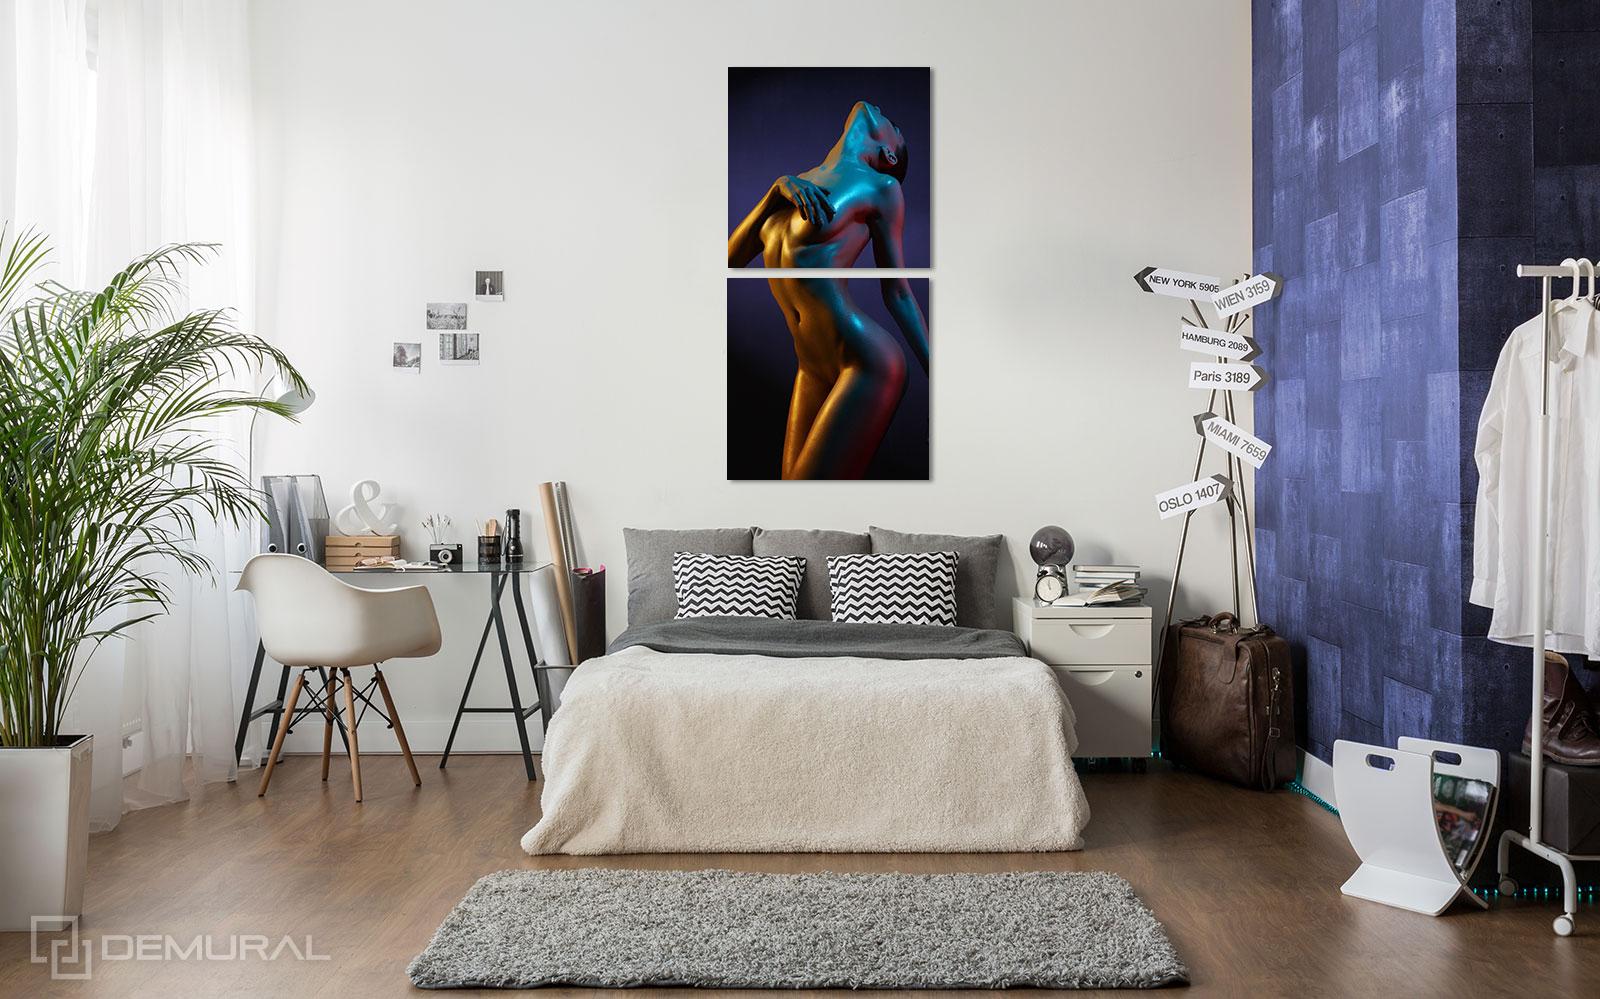 Bilder  Sinnliche Farben - Aktbild - Demural